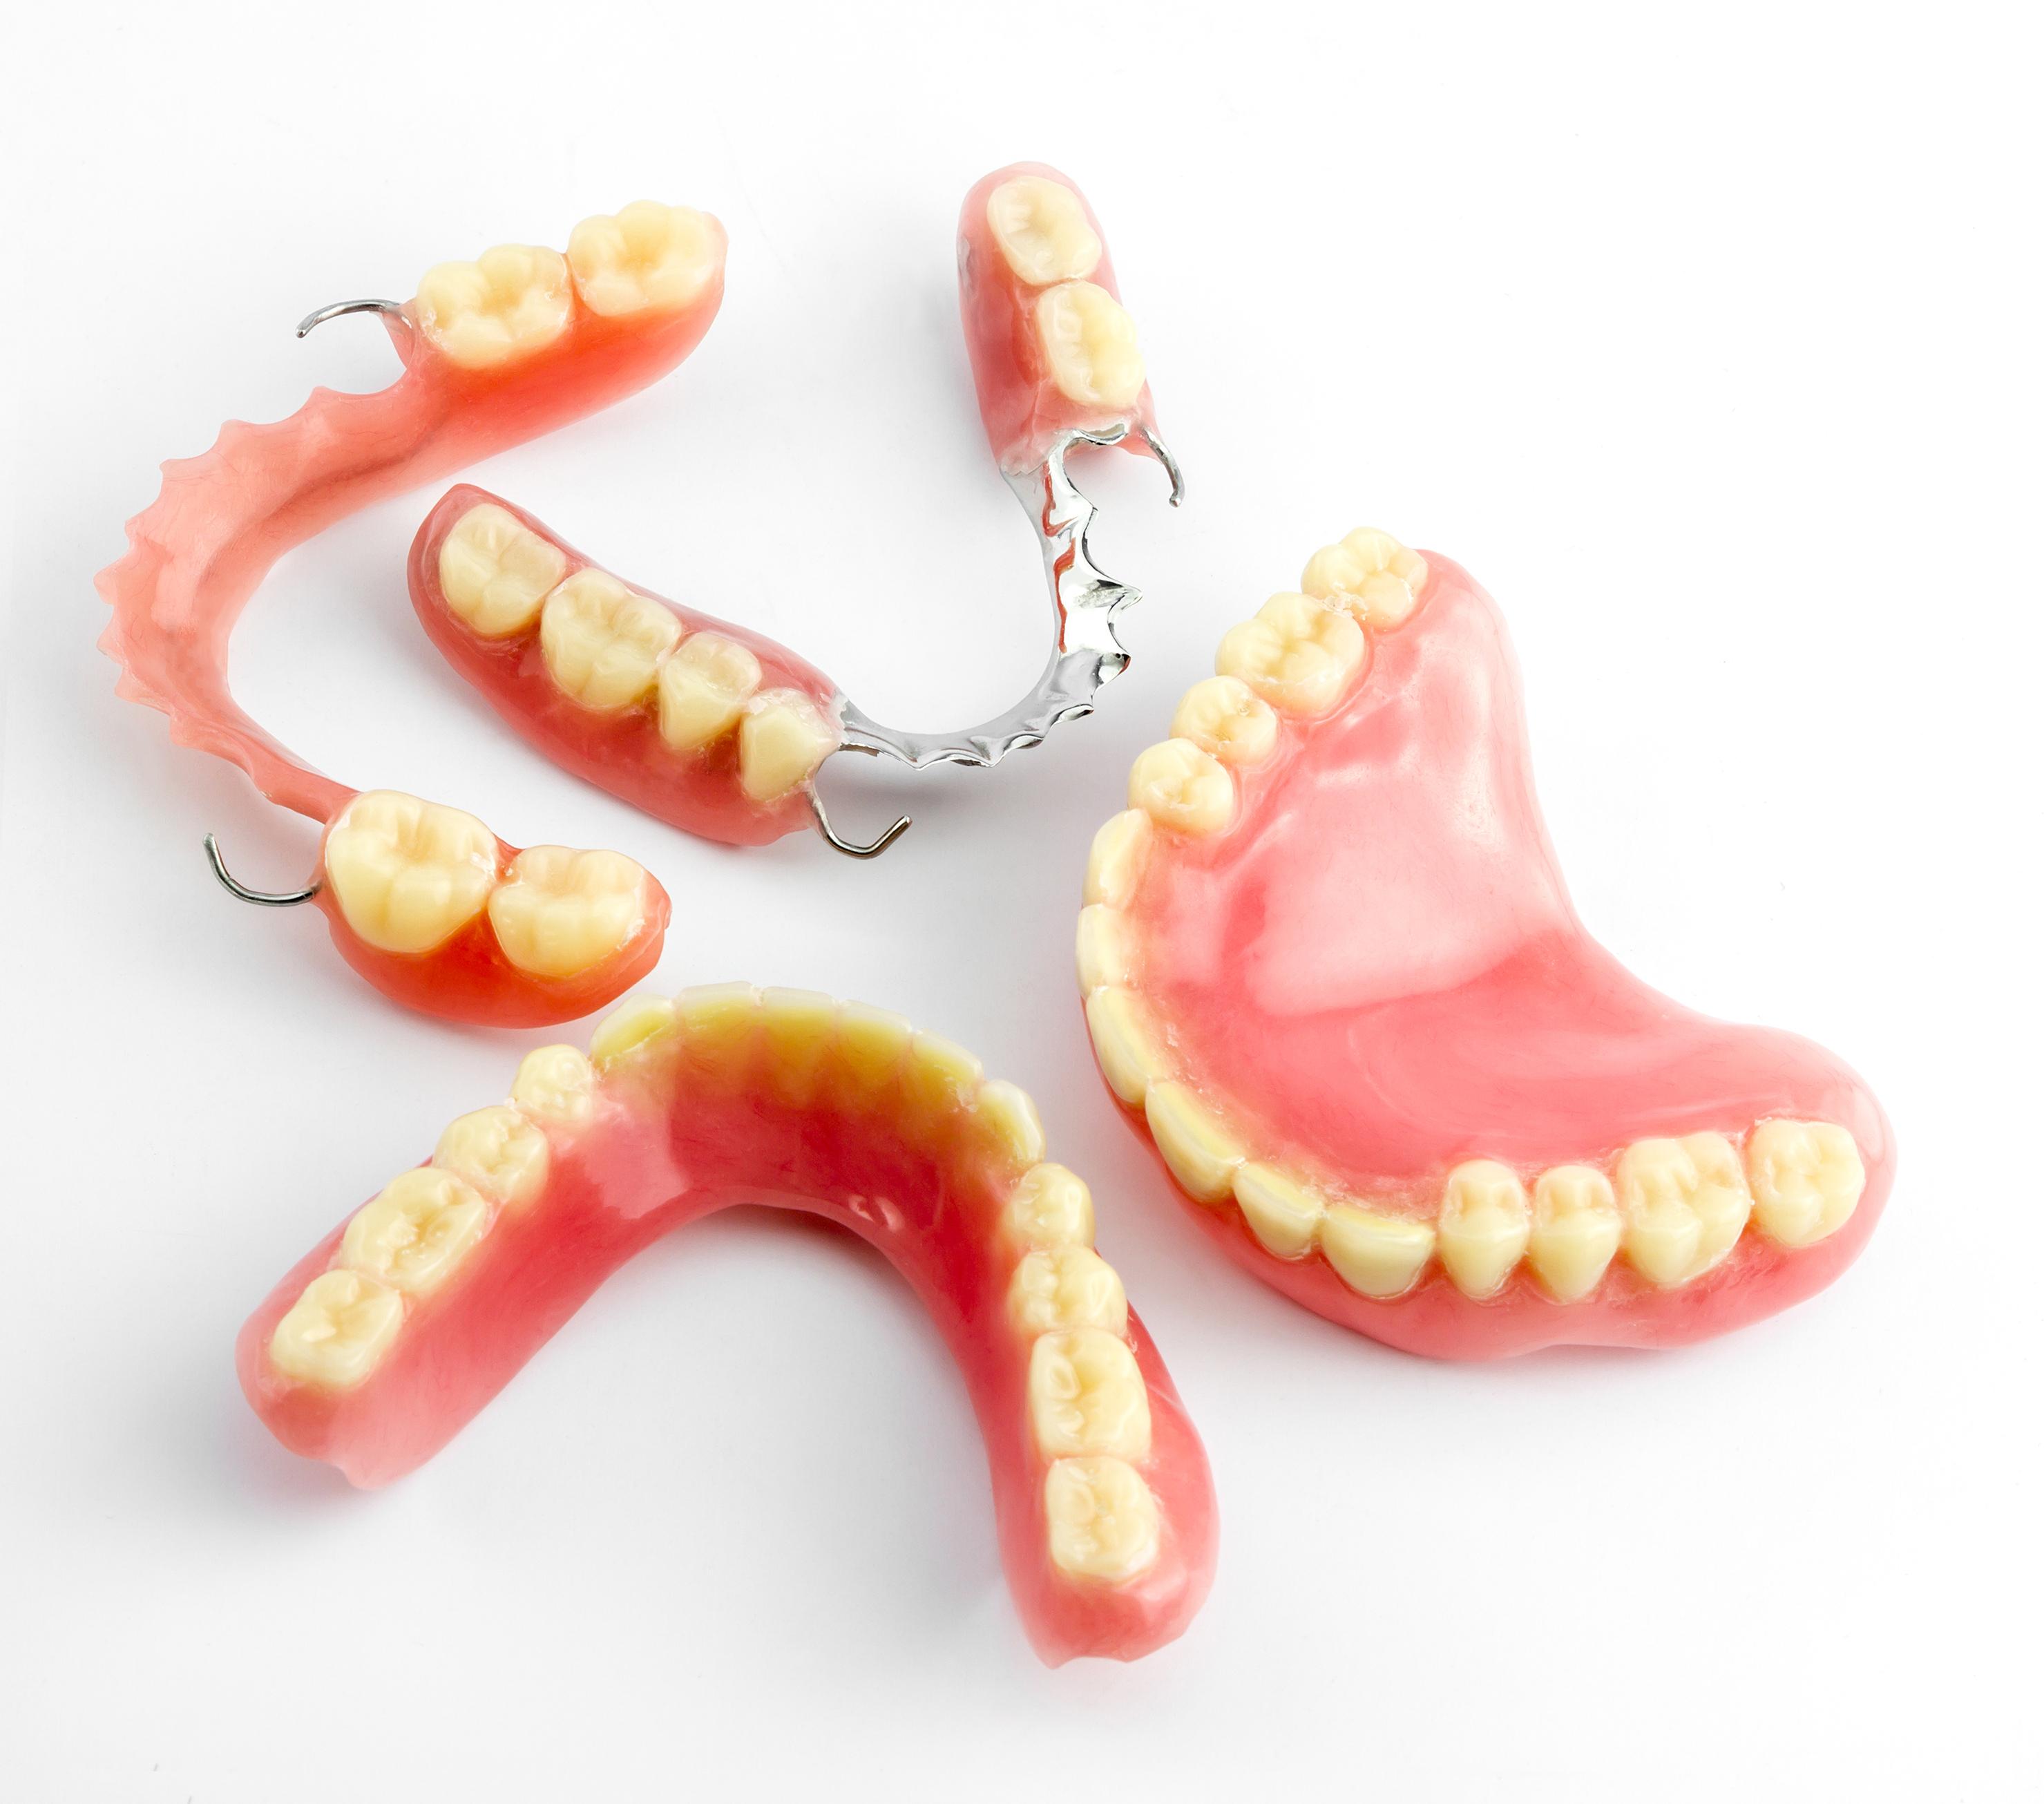 Denture_155094767